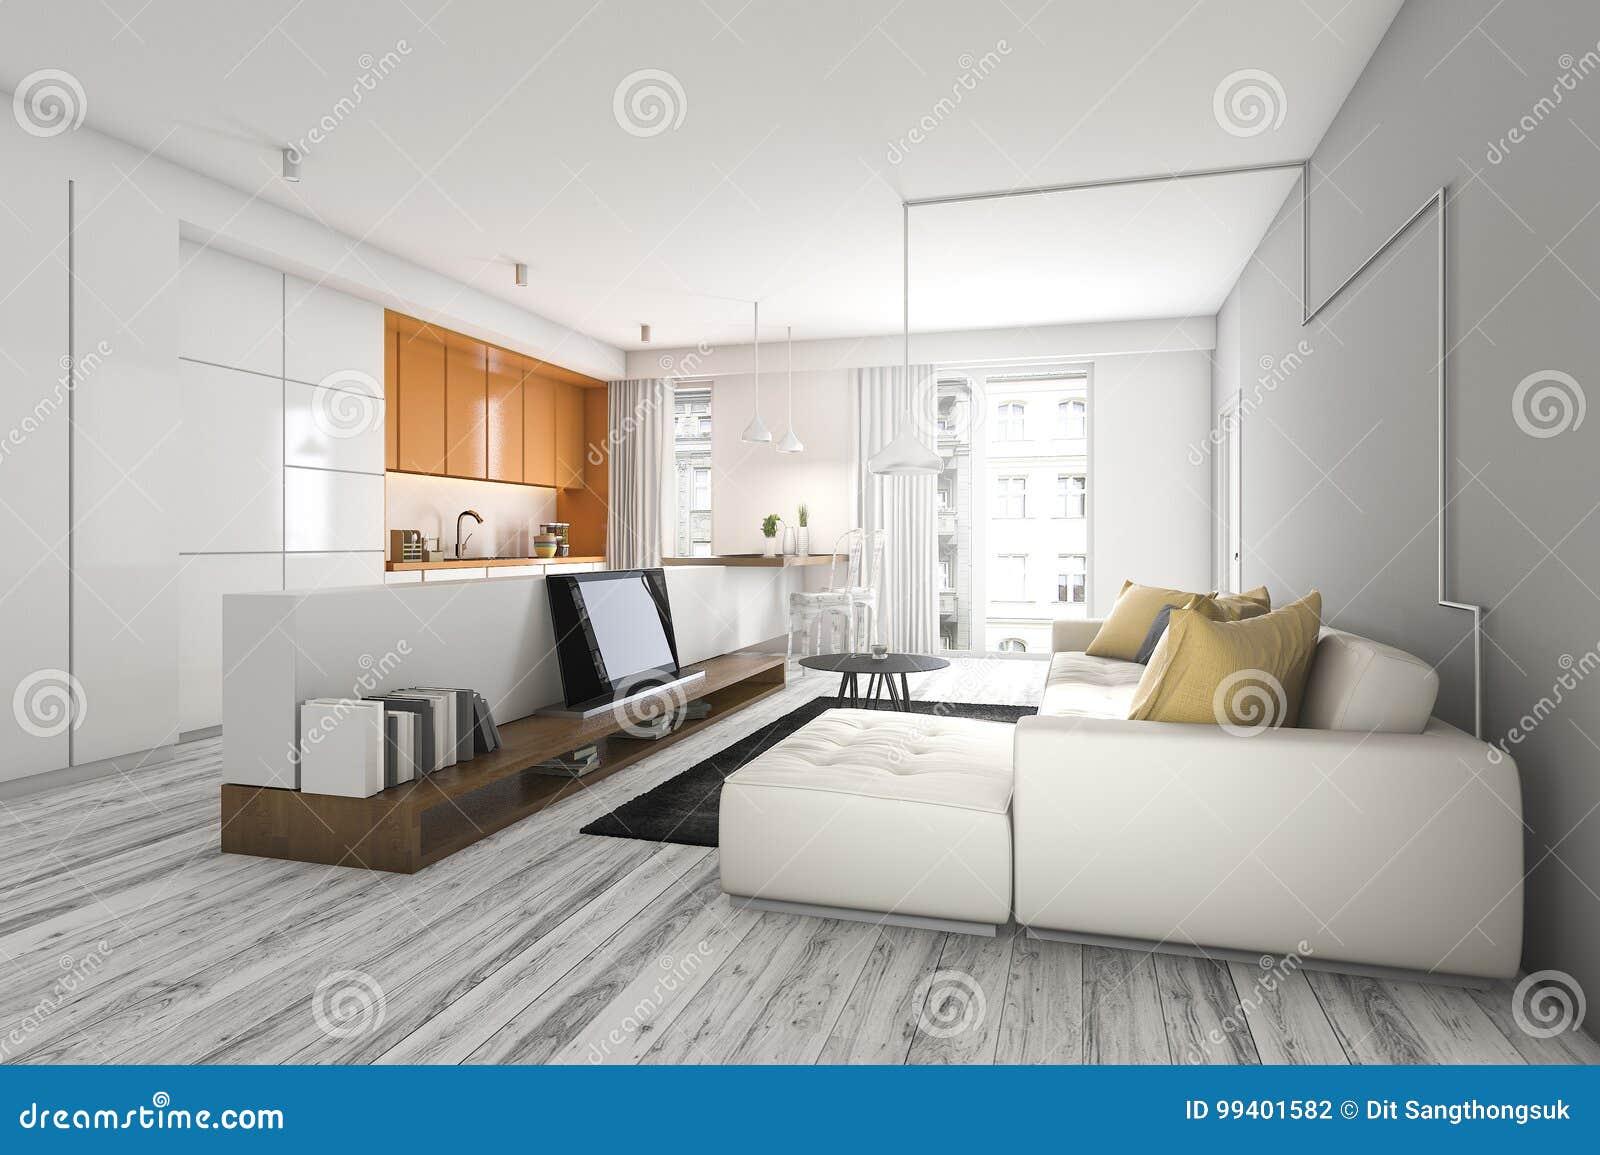 3d Fußboden Wohnzimmer ~ Wohnzimmer der wiedergabe d mit sofa und fernsehen nahe